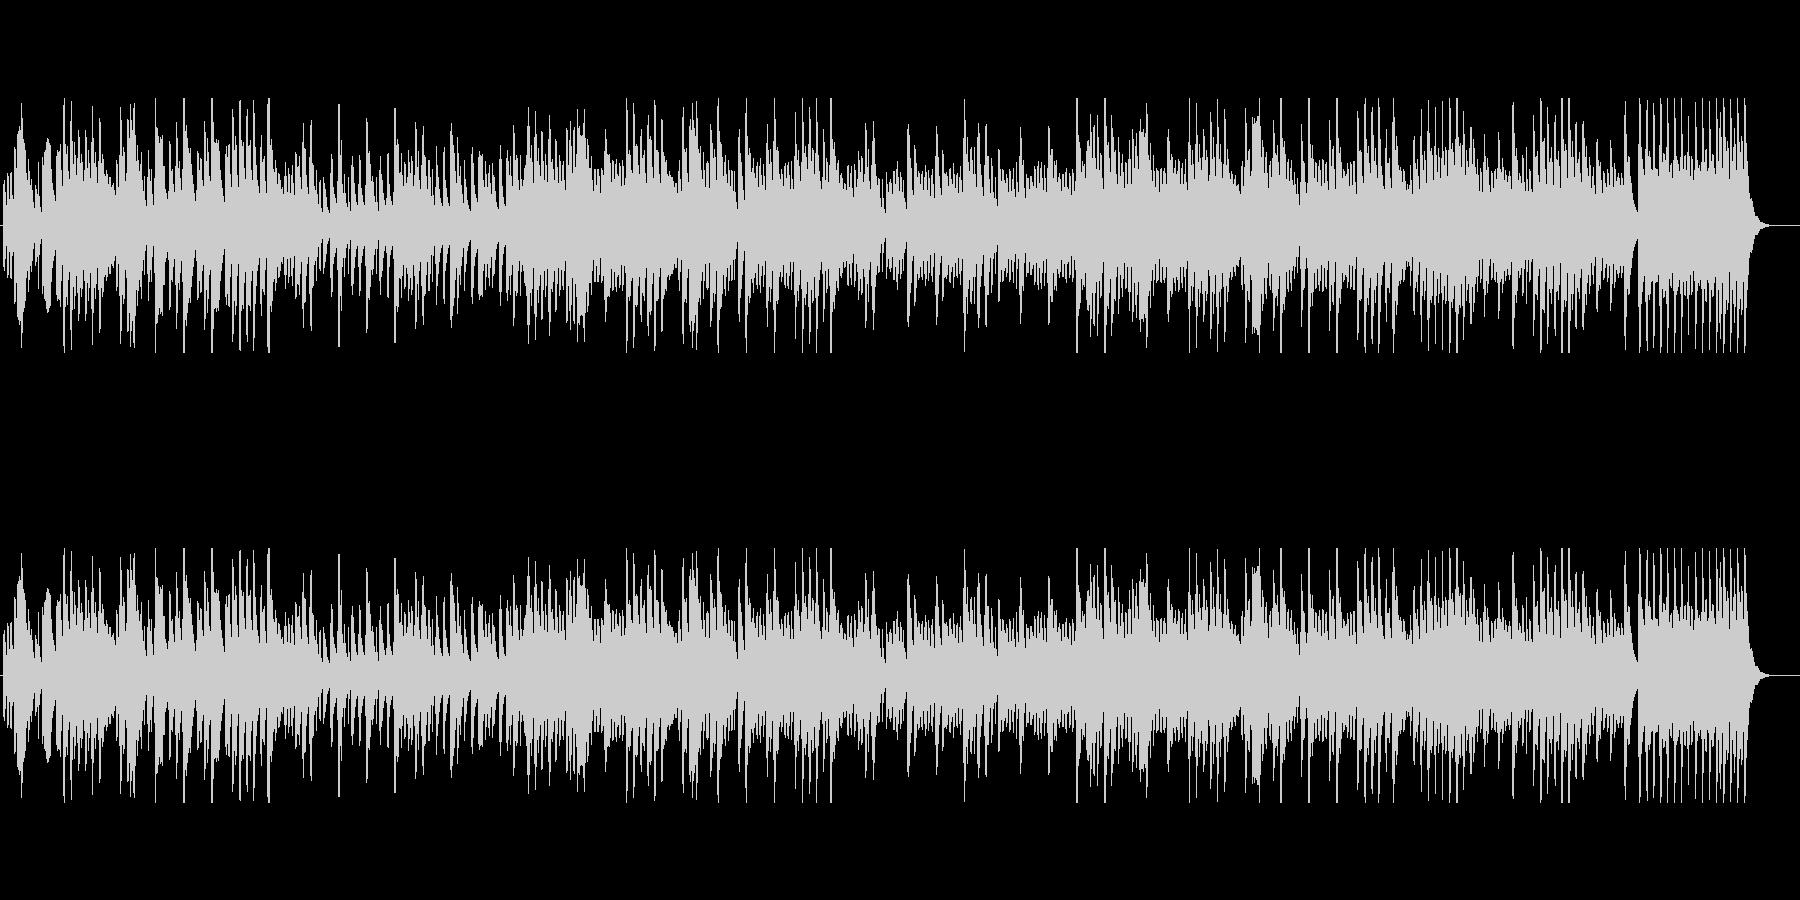 チャイコフスキー「舟歌」のオルゴールの未再生の波形